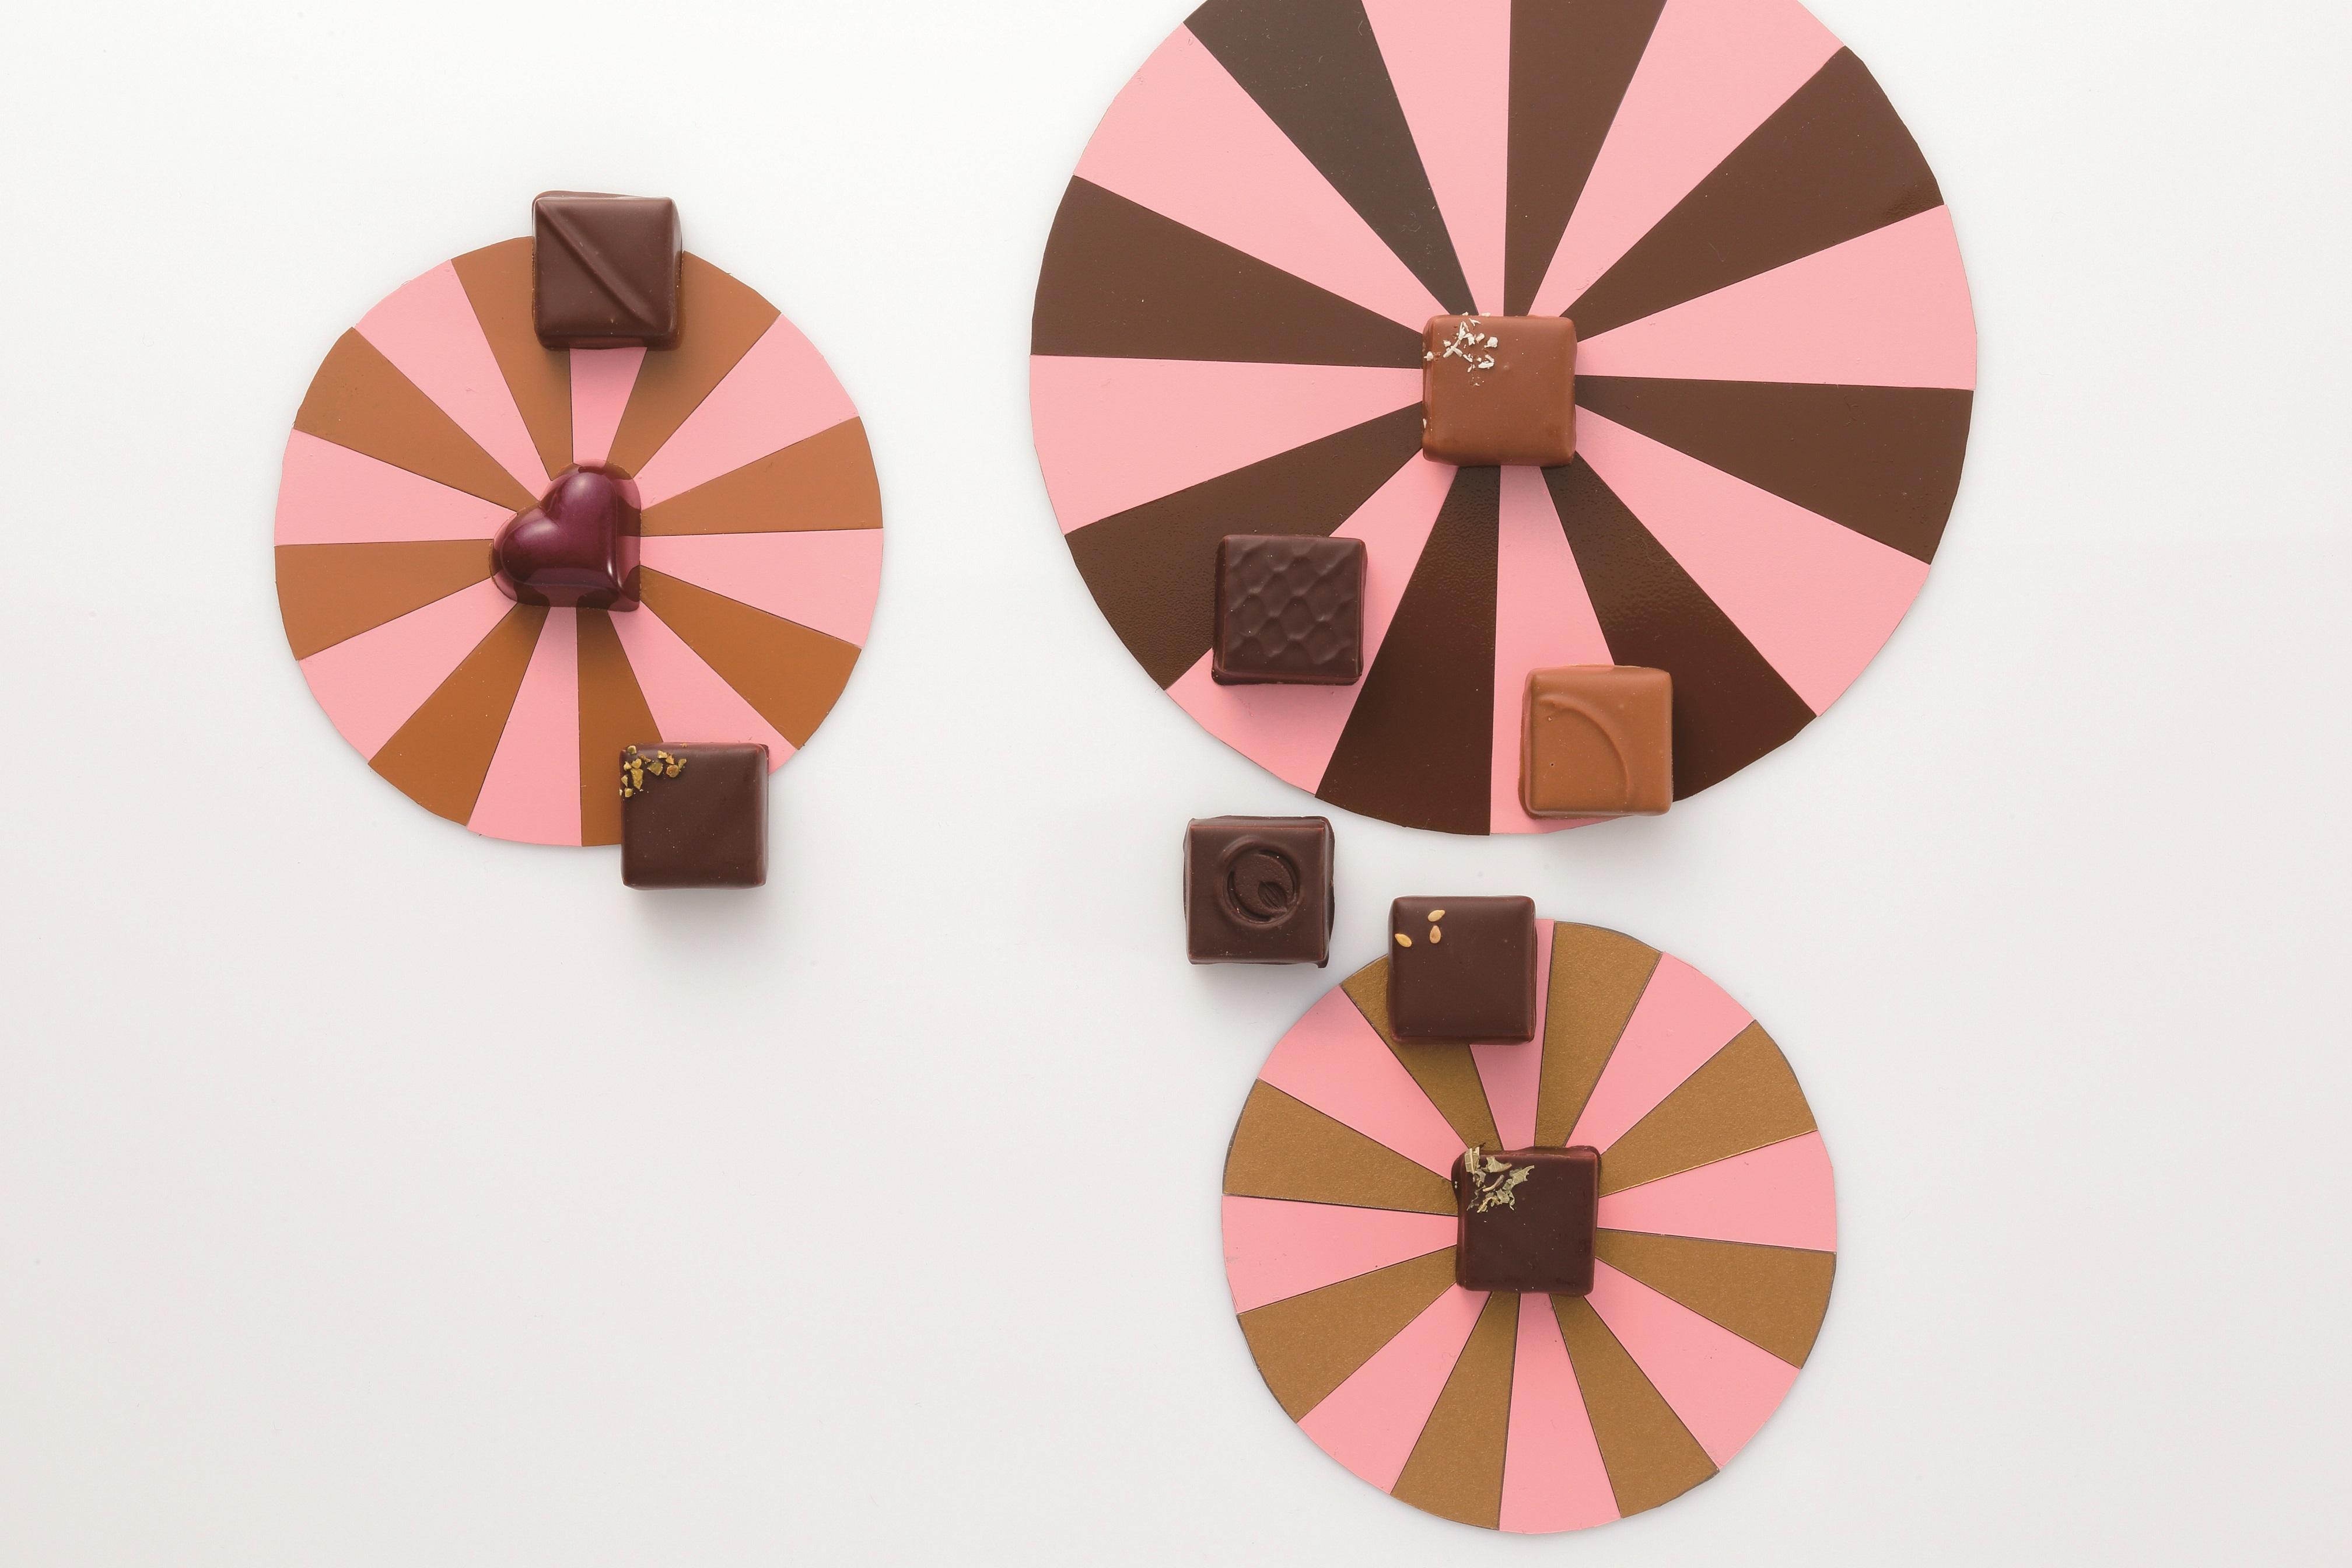 日本一のチョコレートの祭典「アムール デュ ショコラ」、2月14日まで開催!購入したおすすめ商品もご紹介 - 2